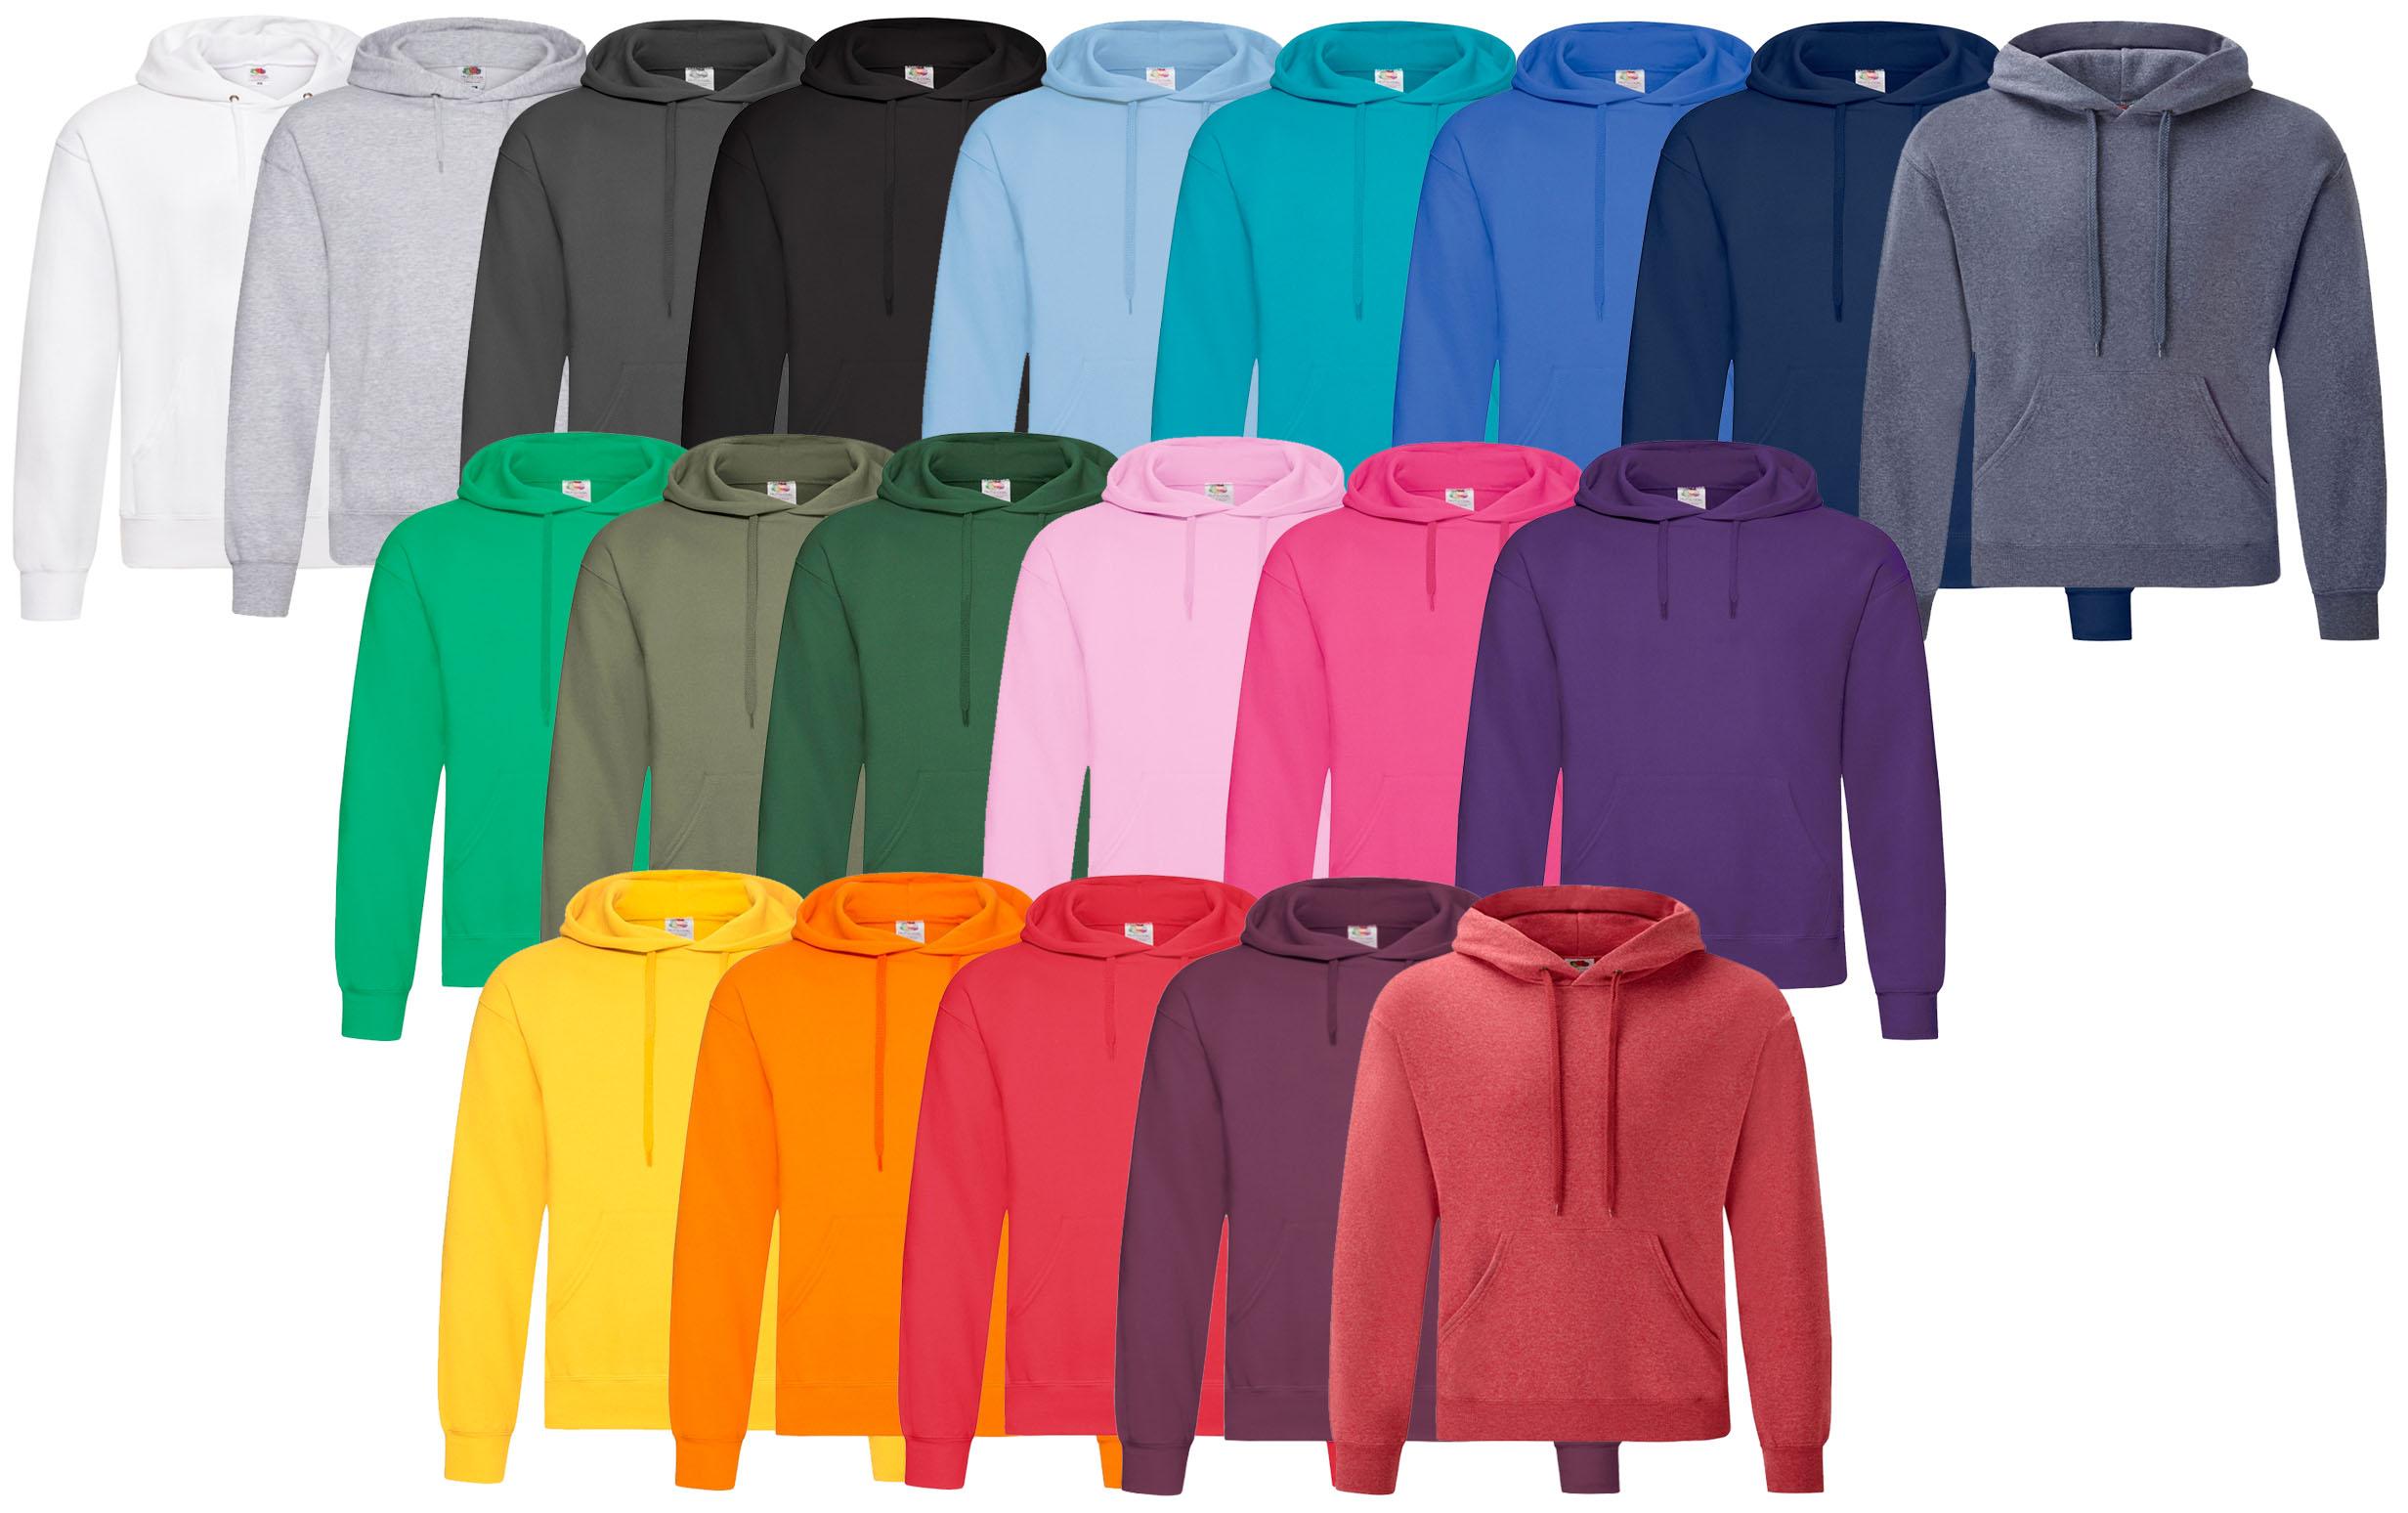 Klasströjor flera färger och tryck.p